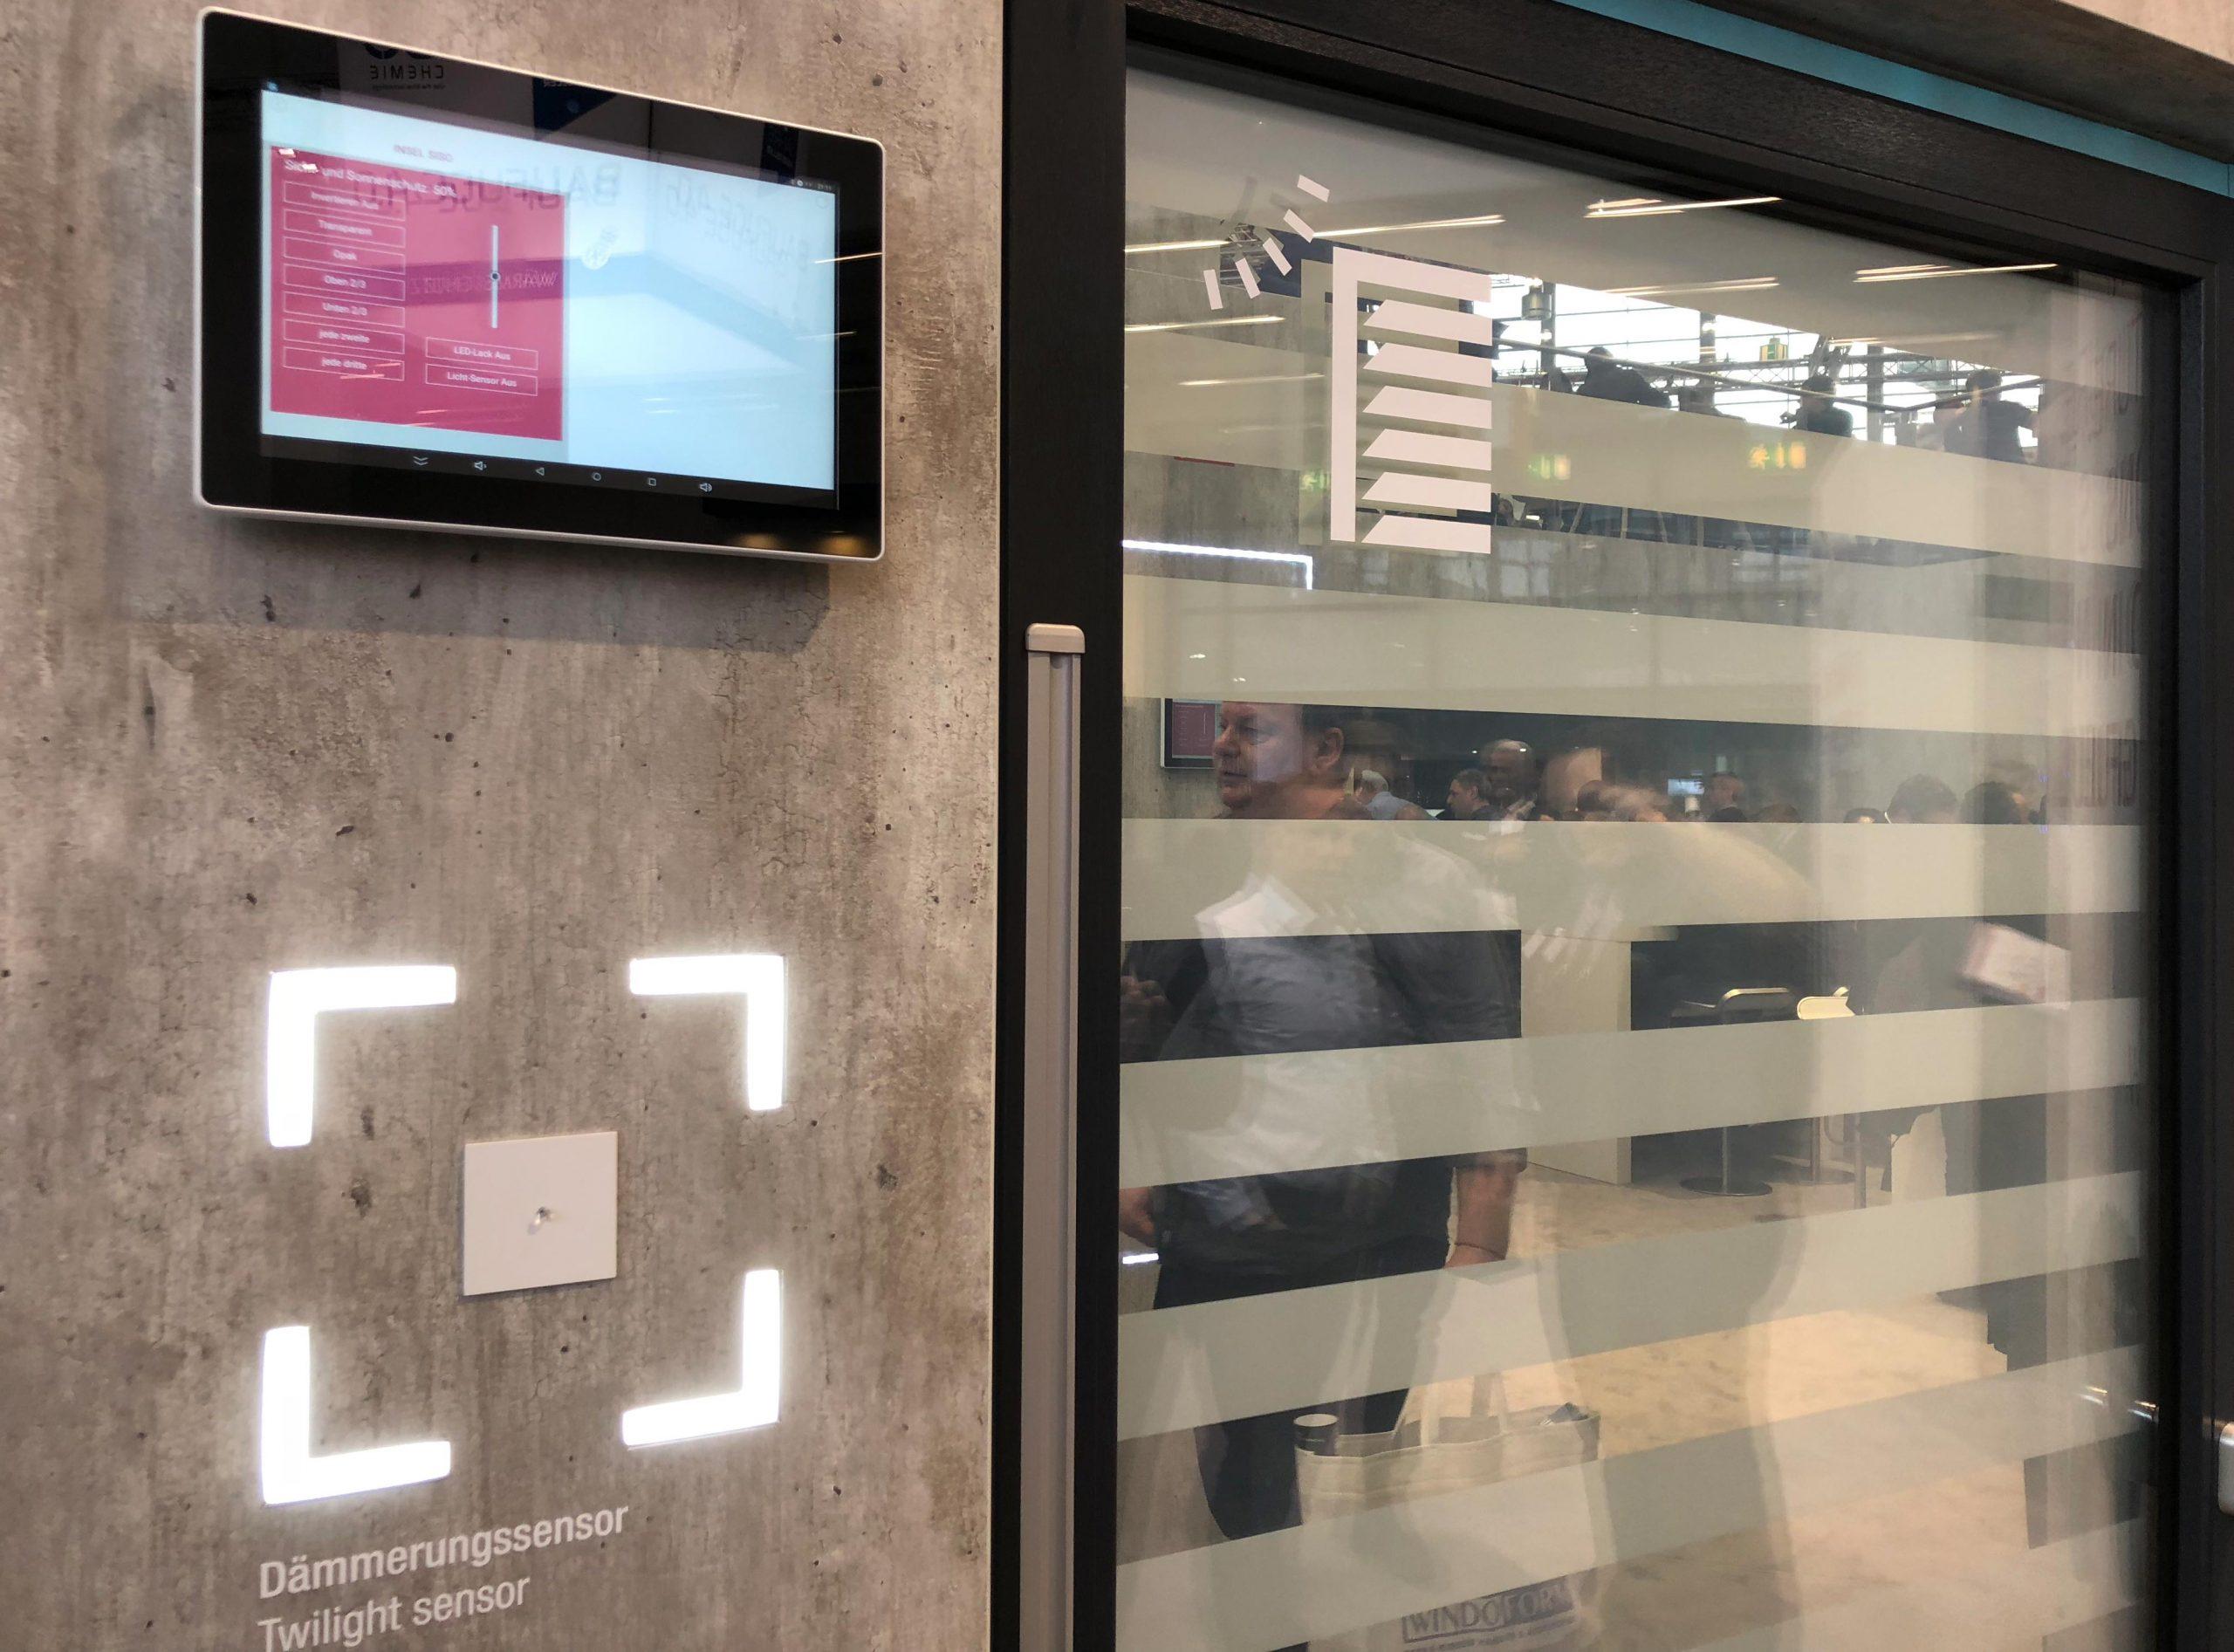 Full Size of Rehau Fenster Reparieren Aus Polen Erfahrungen Synego Ad Forum Test Kaufen Testbericht Geneo Visionen Mit Digitalem Raffstore Und Fenstergroem Touchscreen Aron Fenster Rehau Fenster